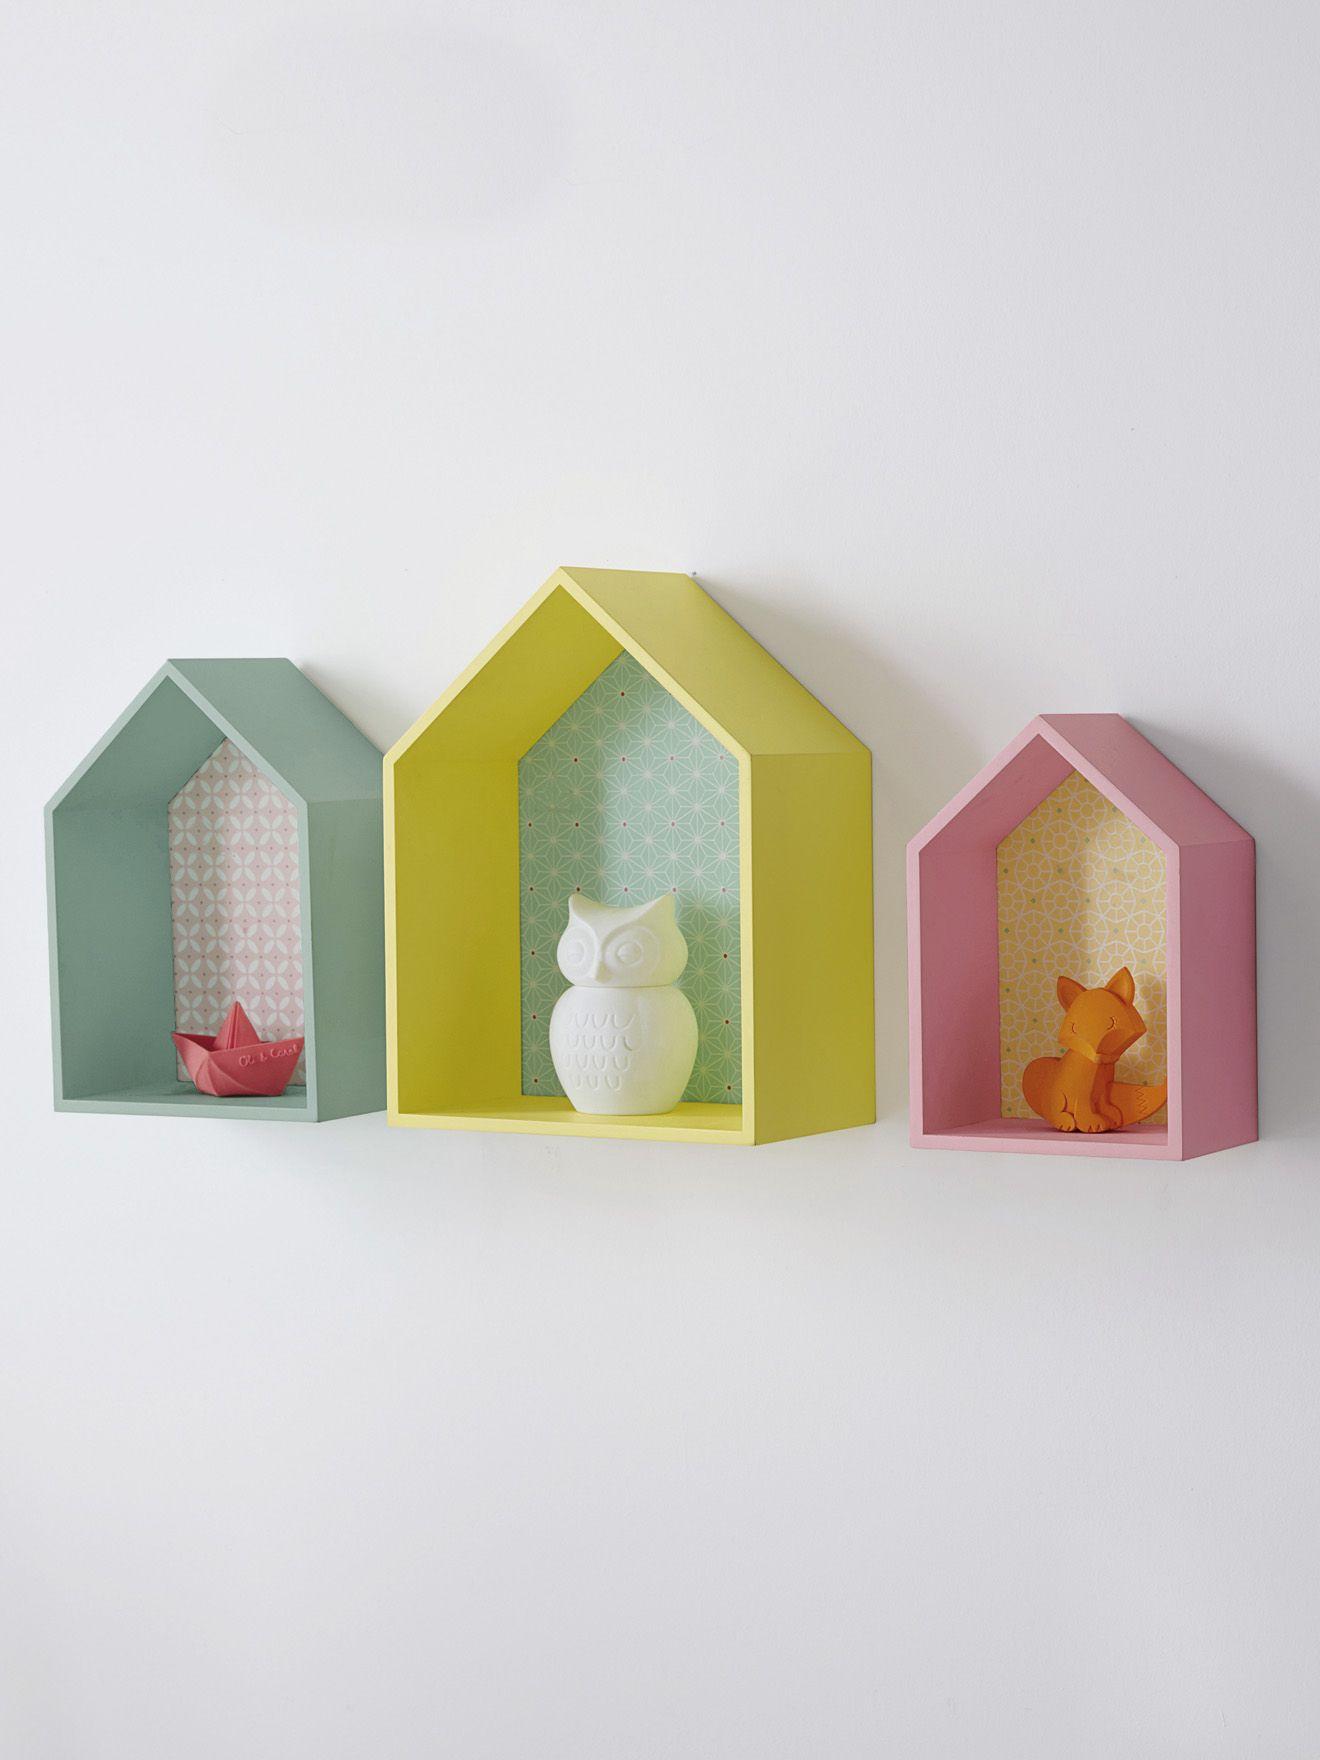 inspire de la dco nordique ces 3 tagres en forme de petites maisons se dmarquent par leurs couleurs gaies et leurs motifs - Etagere Enfant Deco